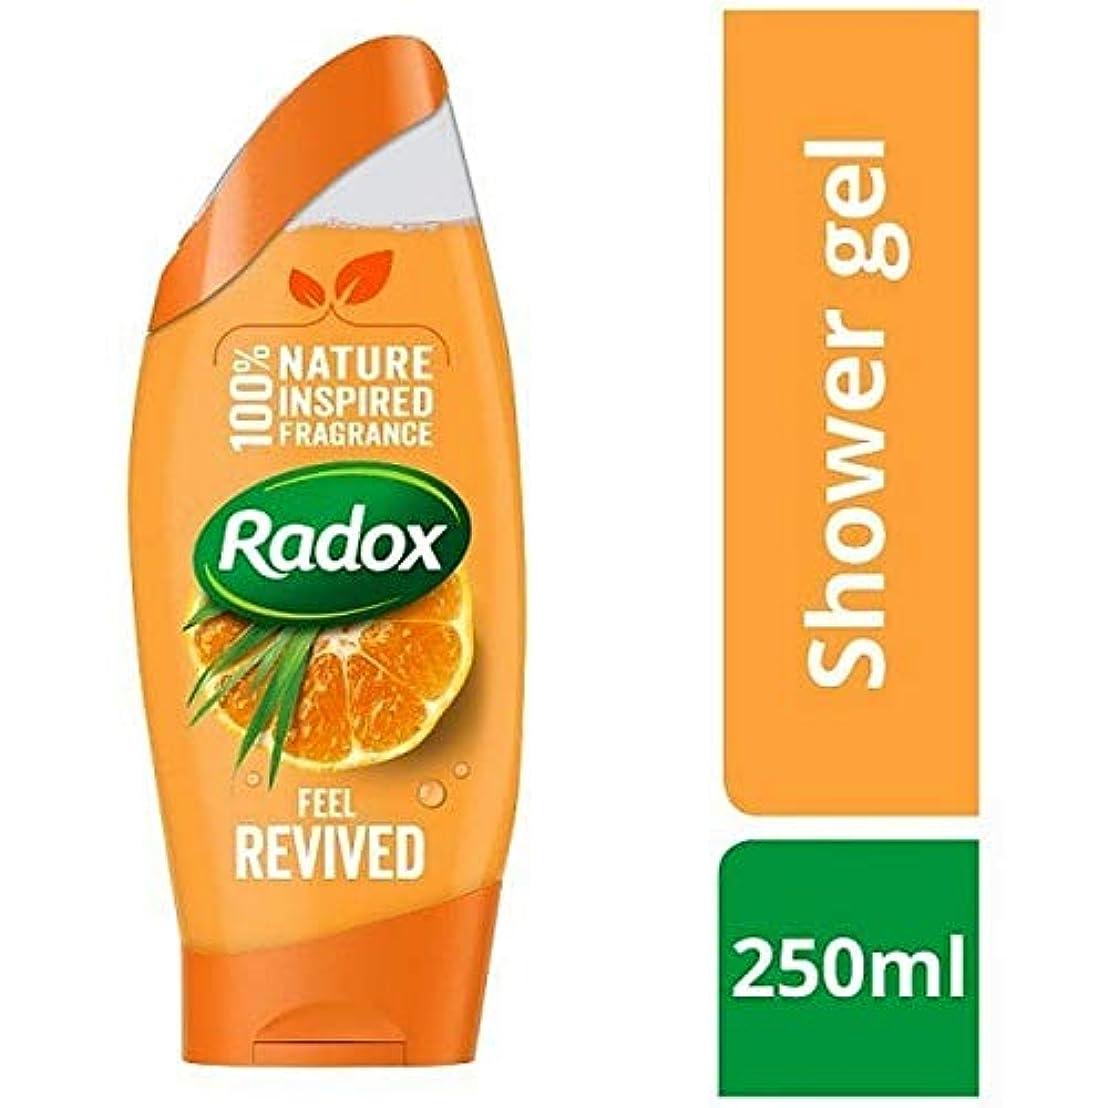 爪禁じる人質[Radox] Radox感触復活シャワージェル250ミリリットル - Radox Feel Revived Shower Gel 250ml [並行輸入品]